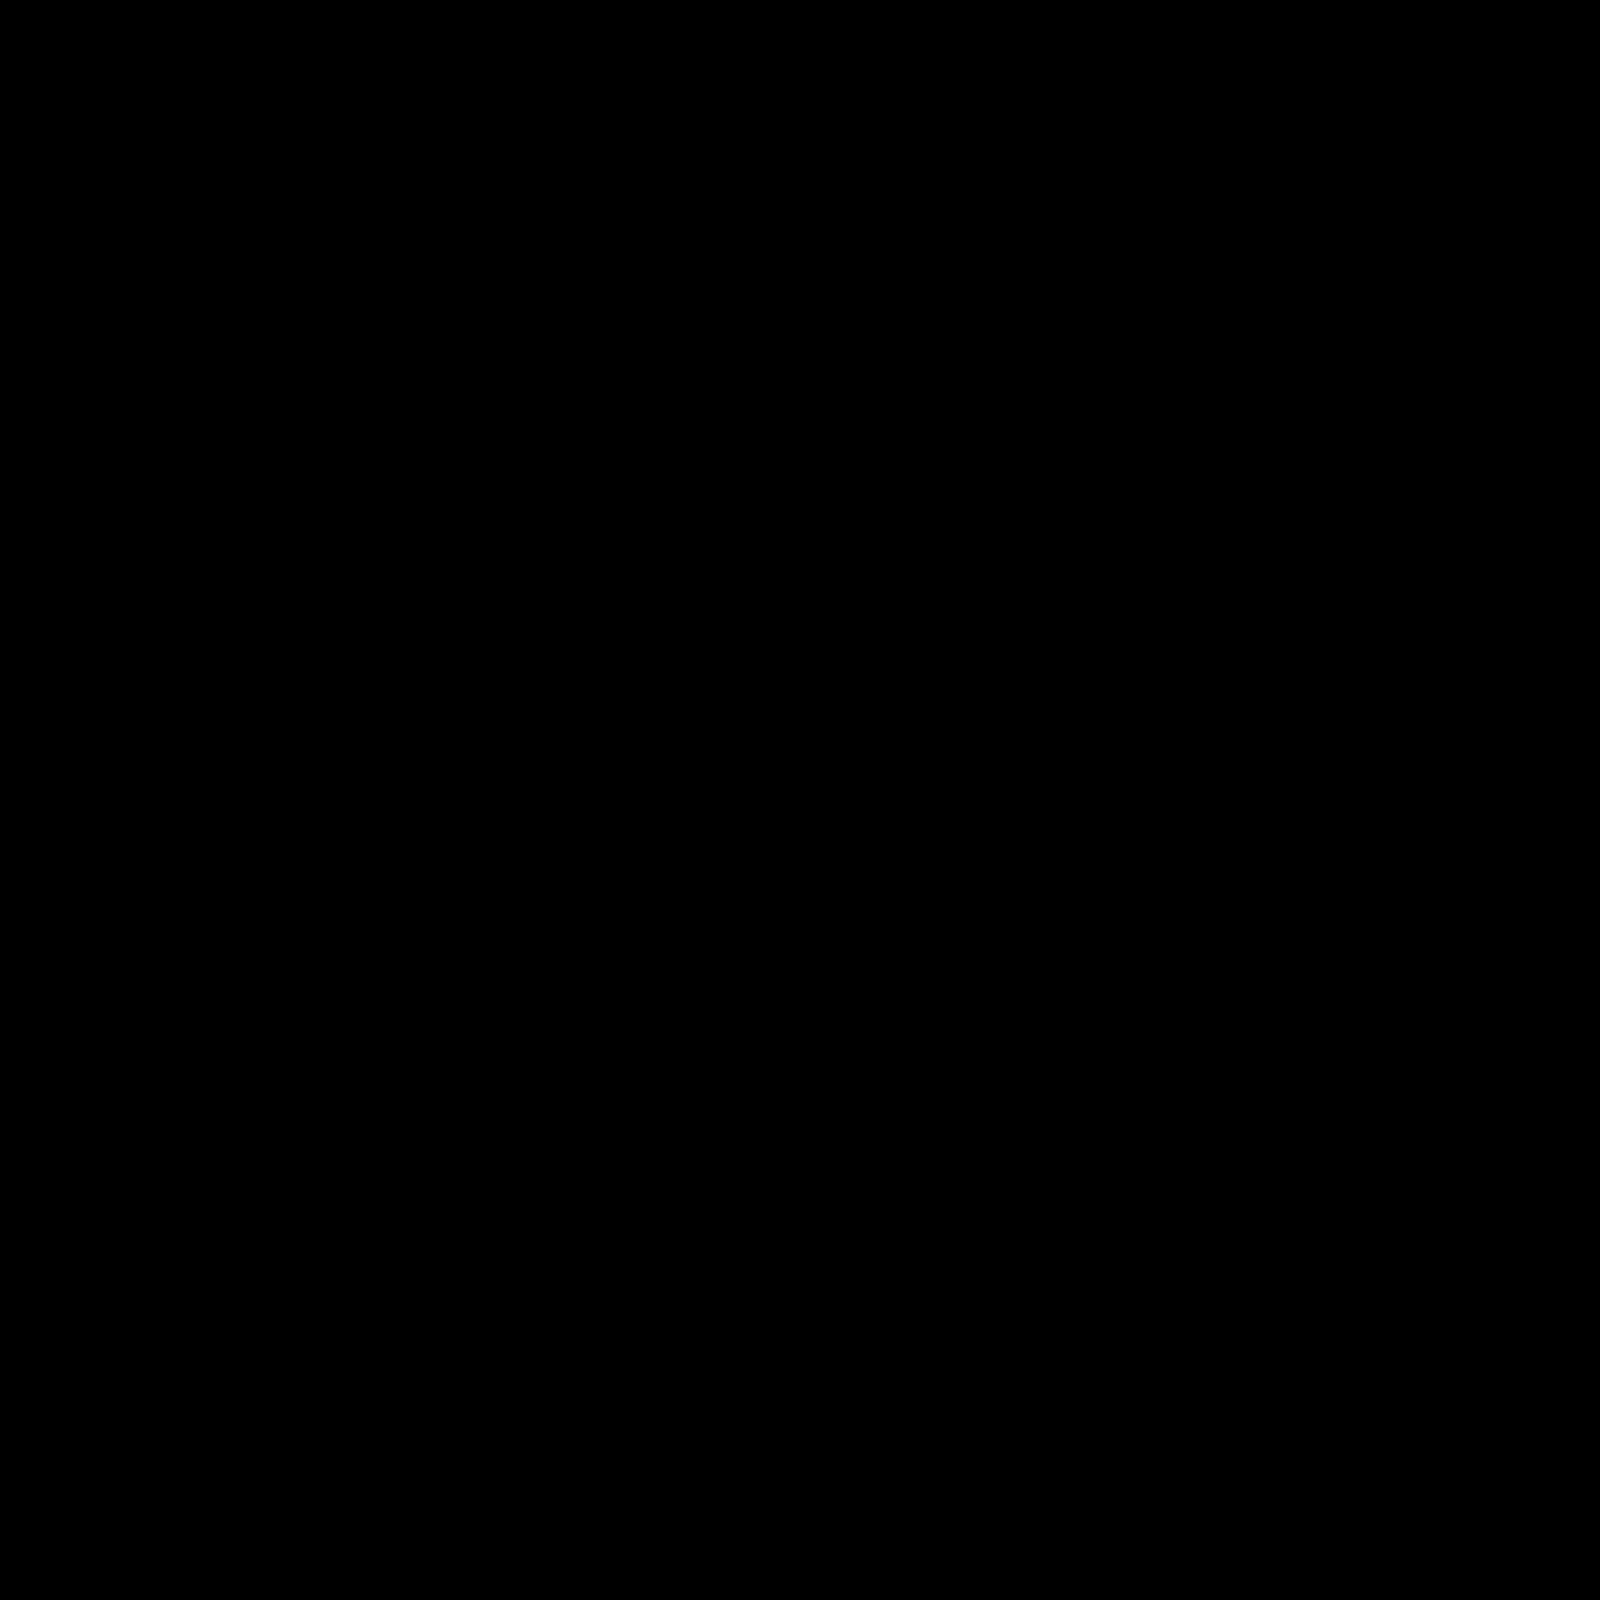 Statek towarowy icon